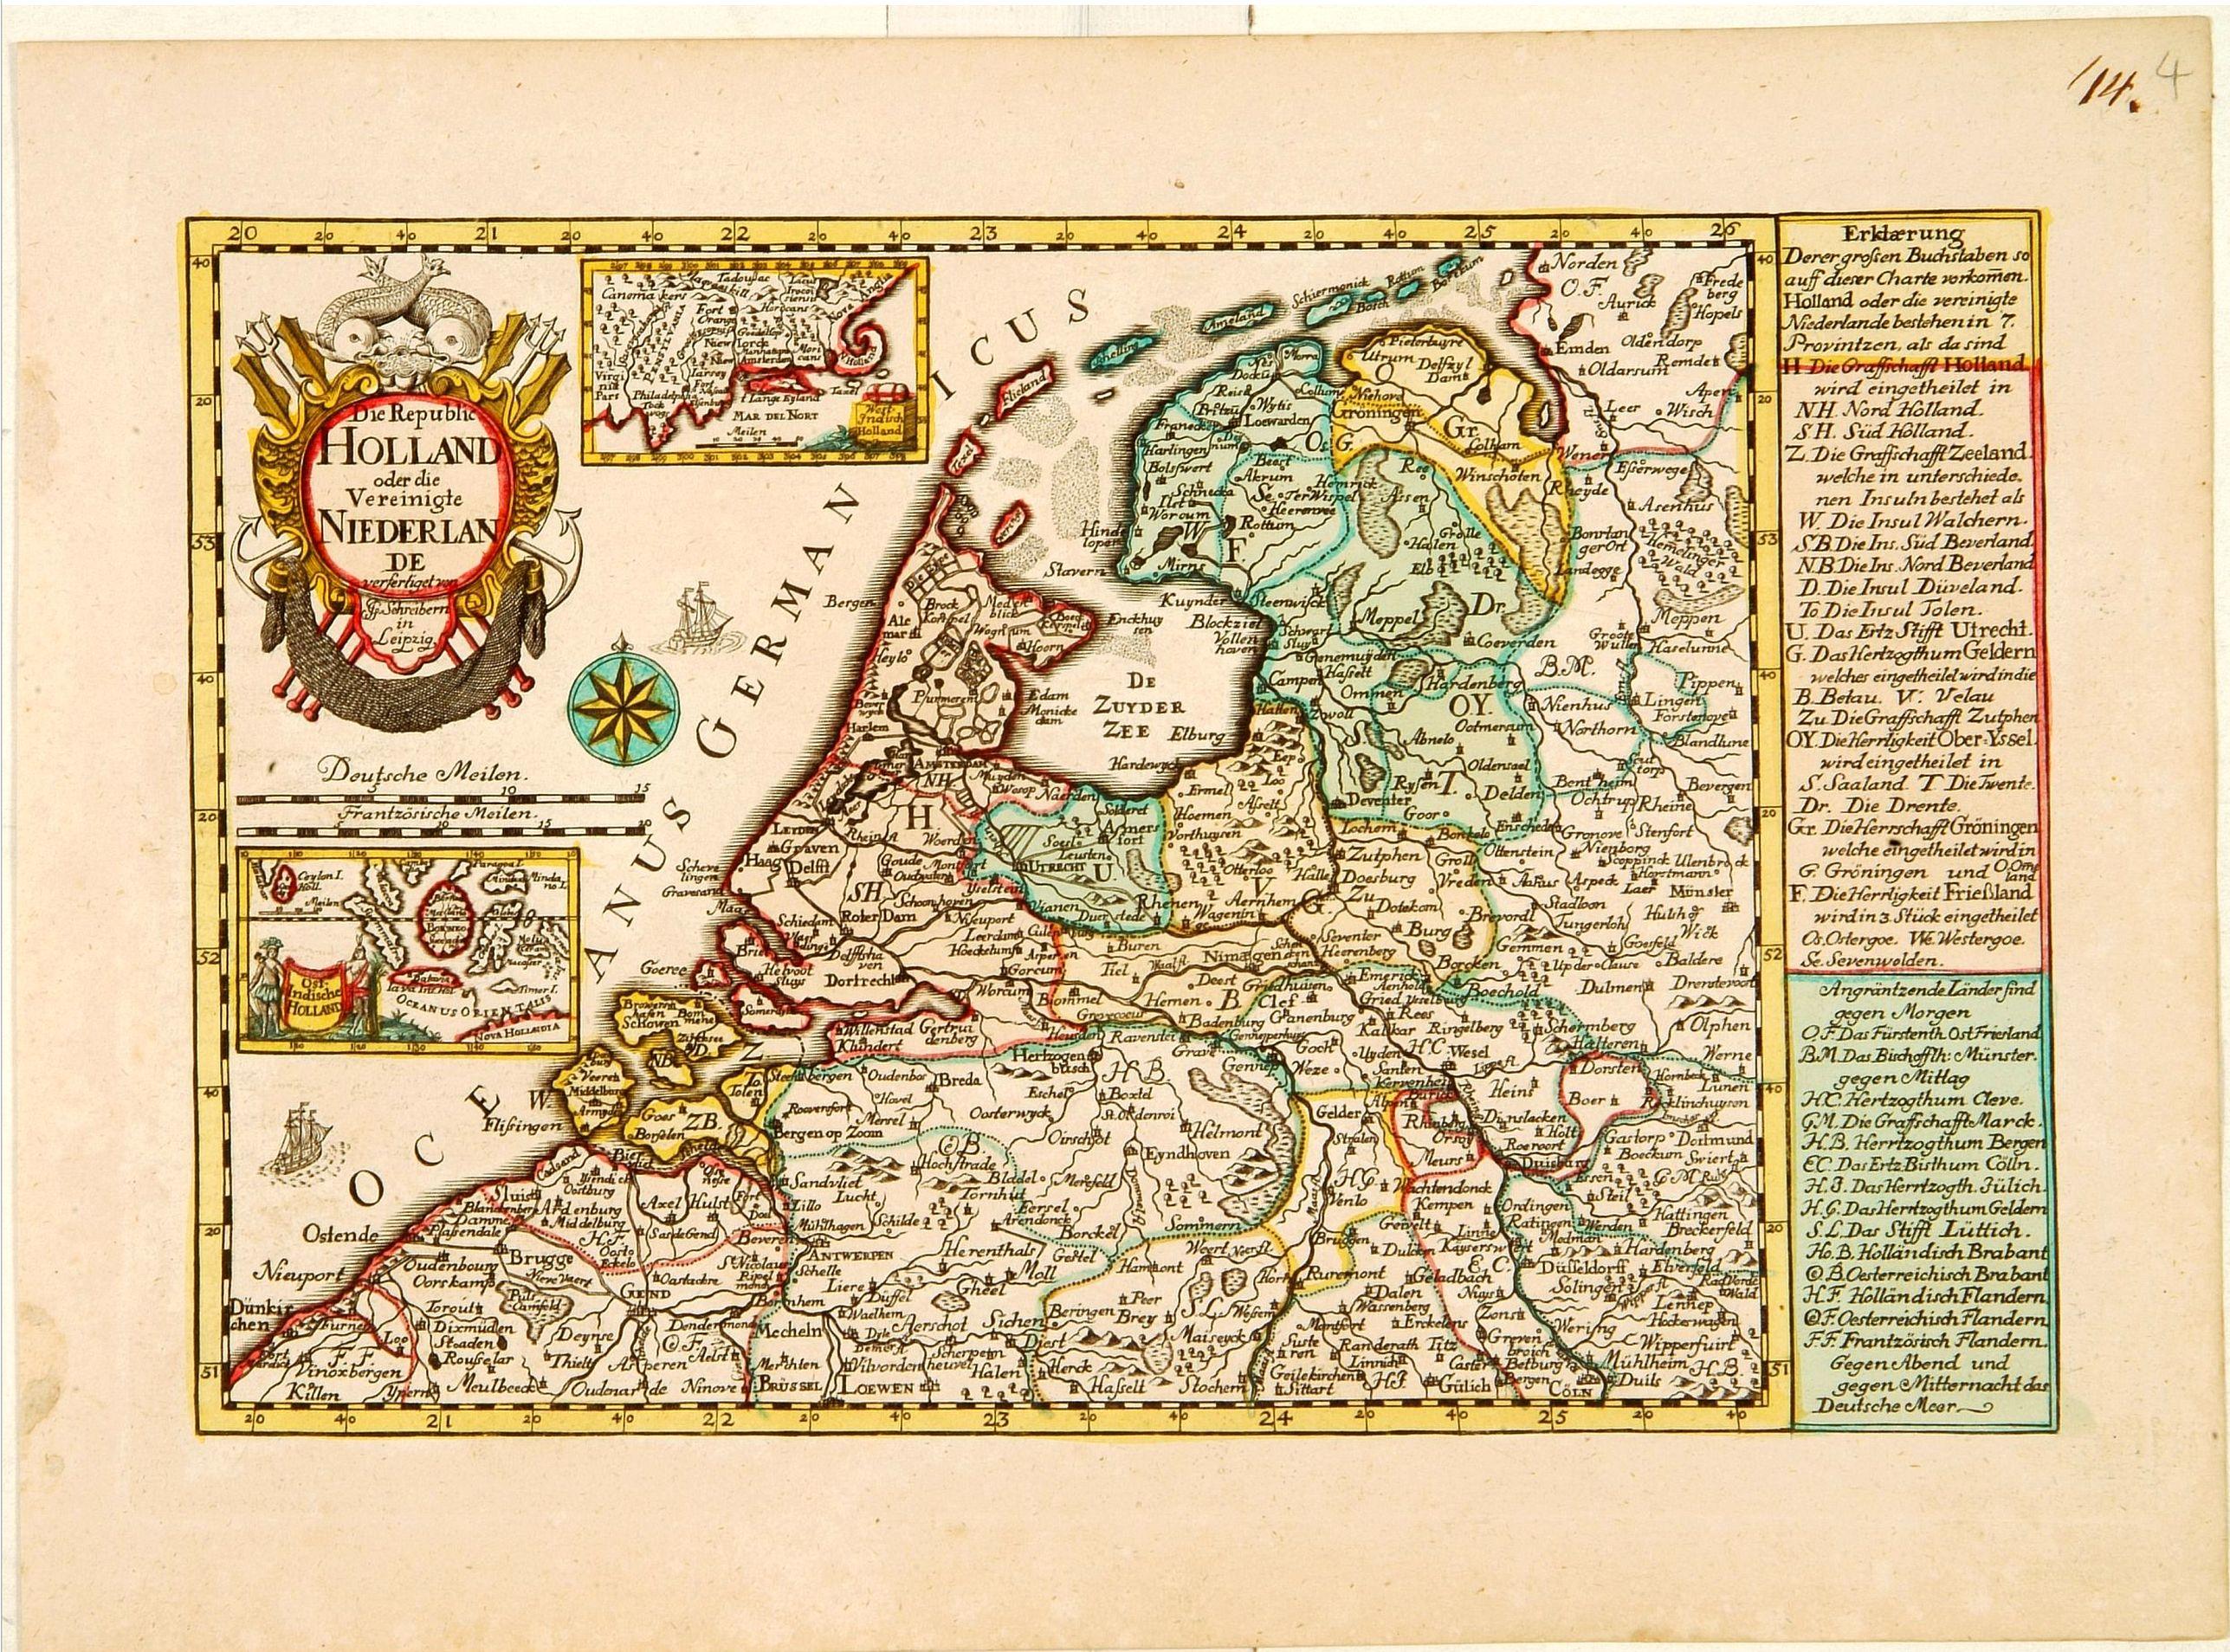 SCHREIBER, J.G. -  Die Republic Holland oder die Verenigte Niederlande..